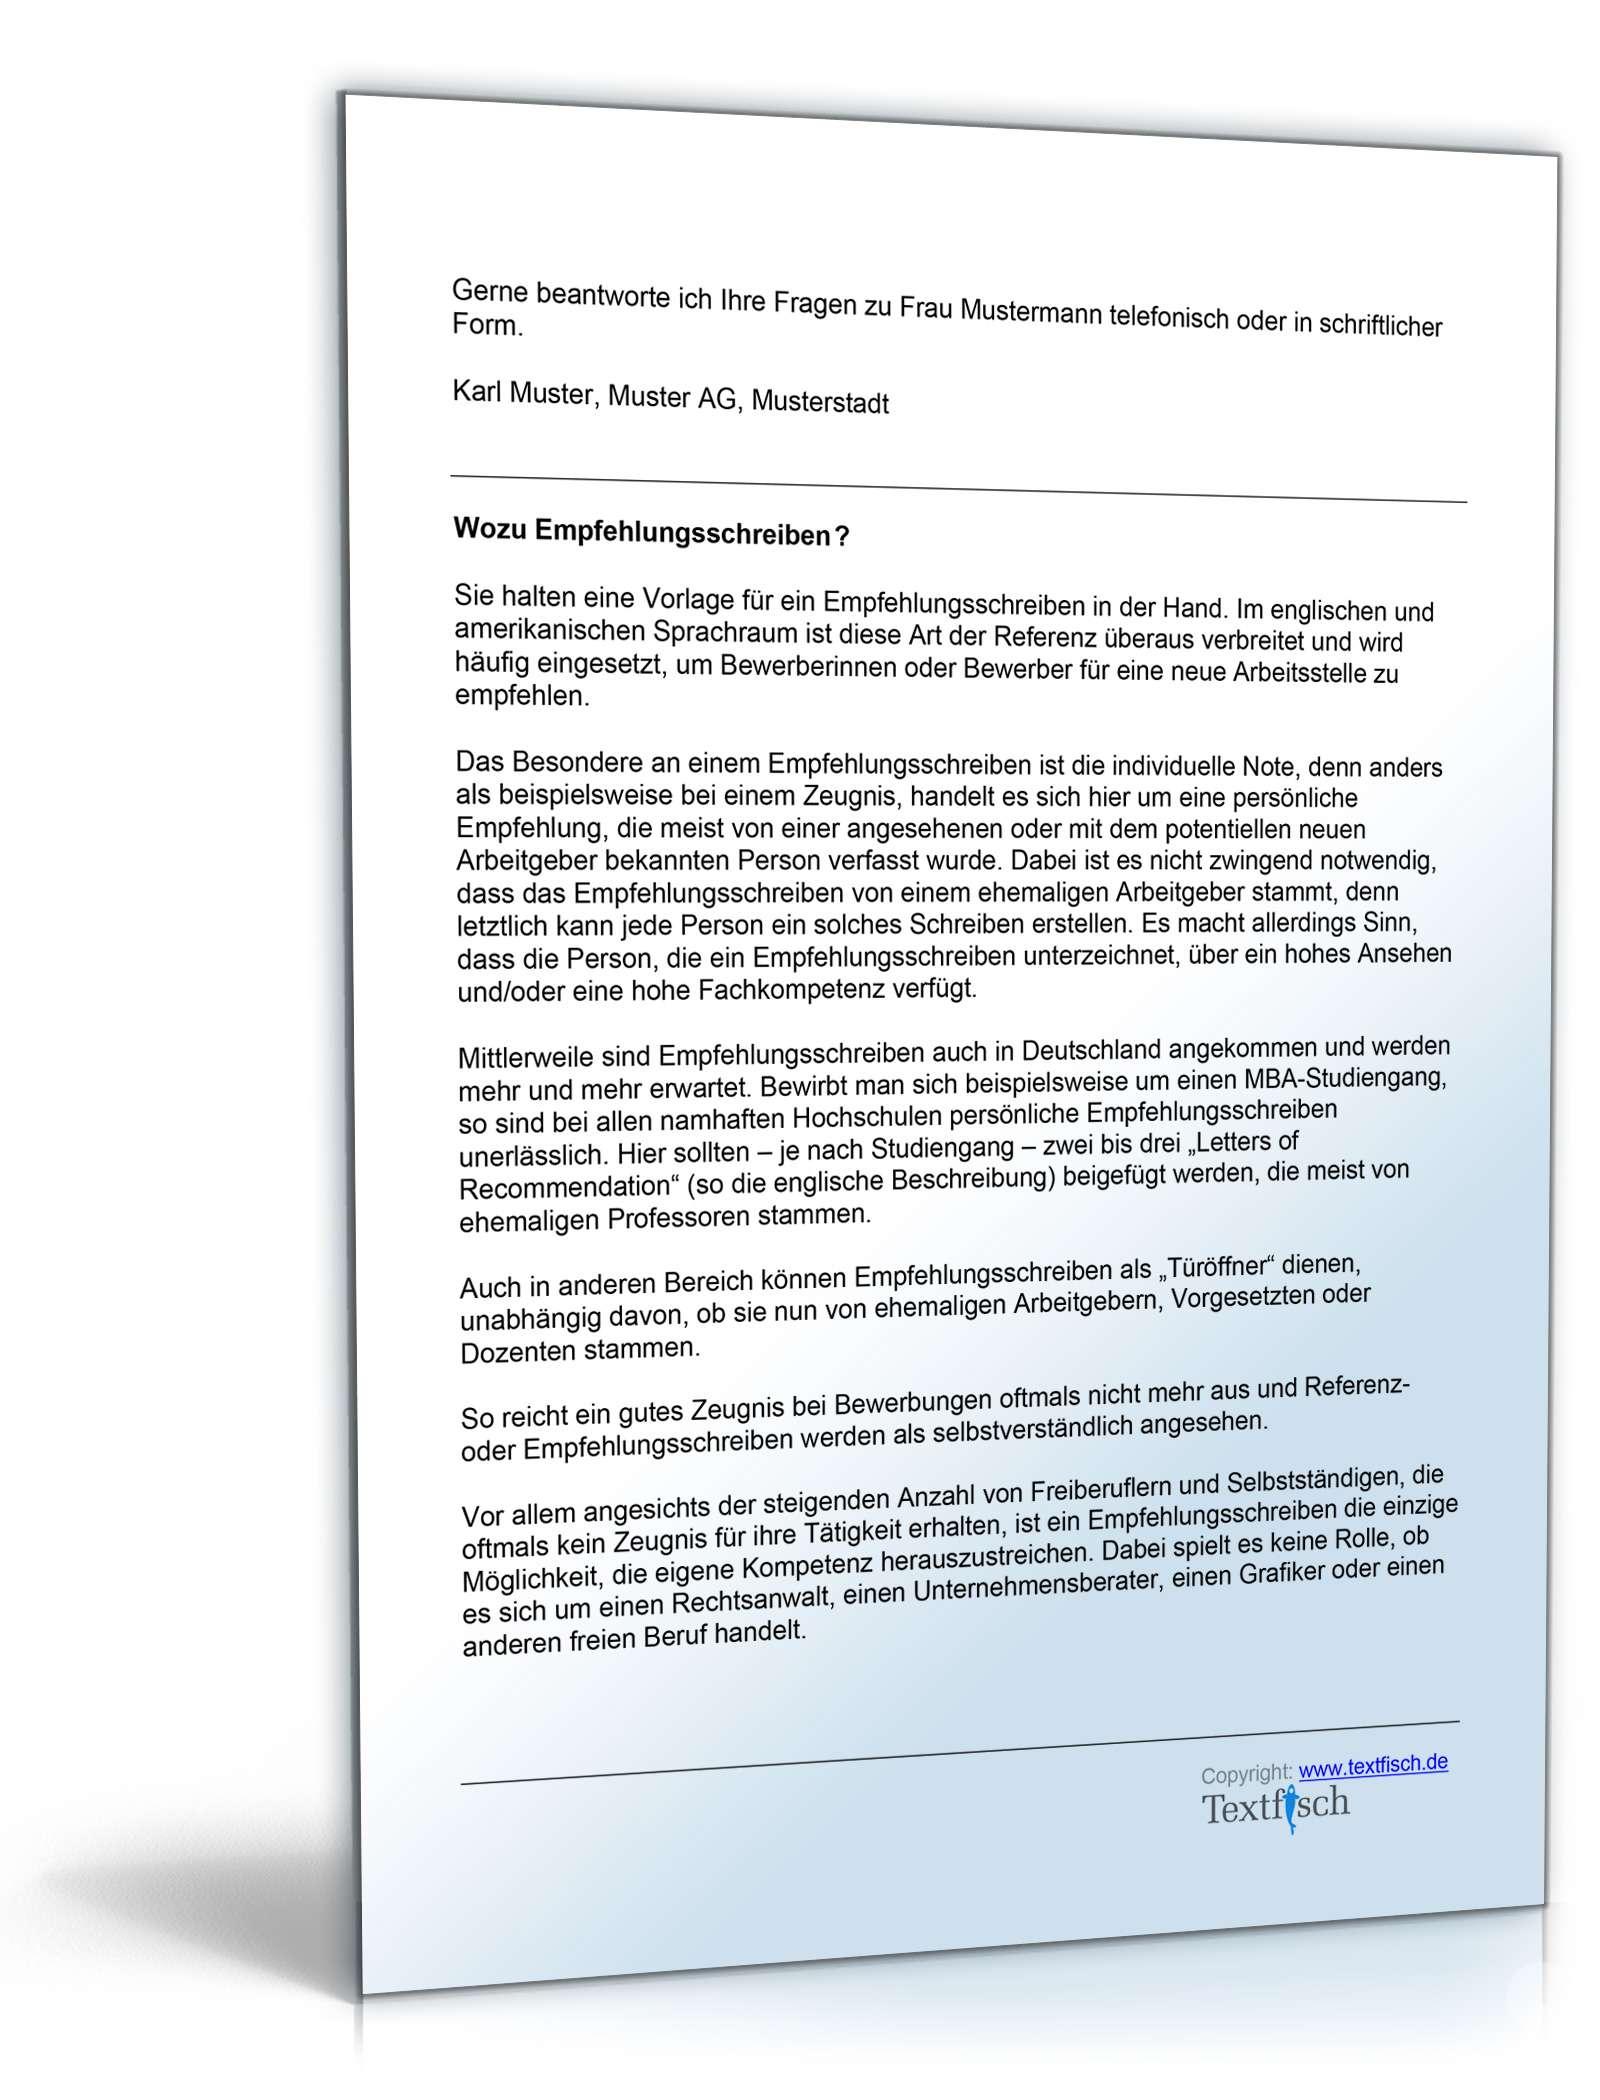 Referenzschreiben Grafikerin Muster Zum Download